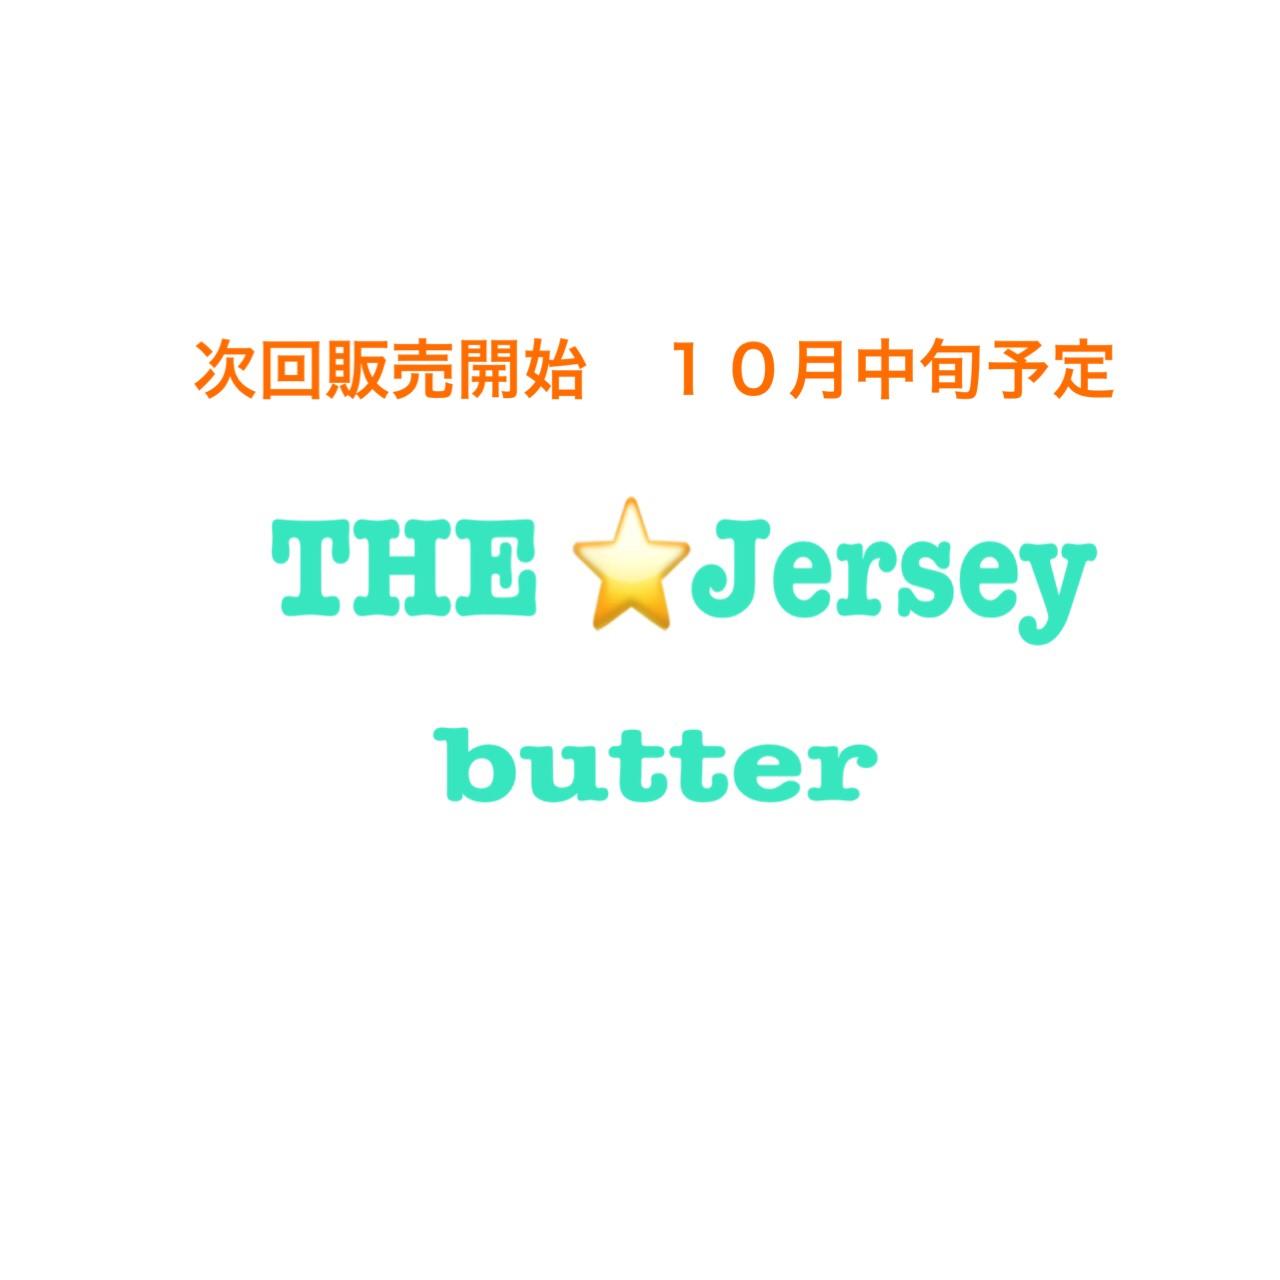 バターの販売について